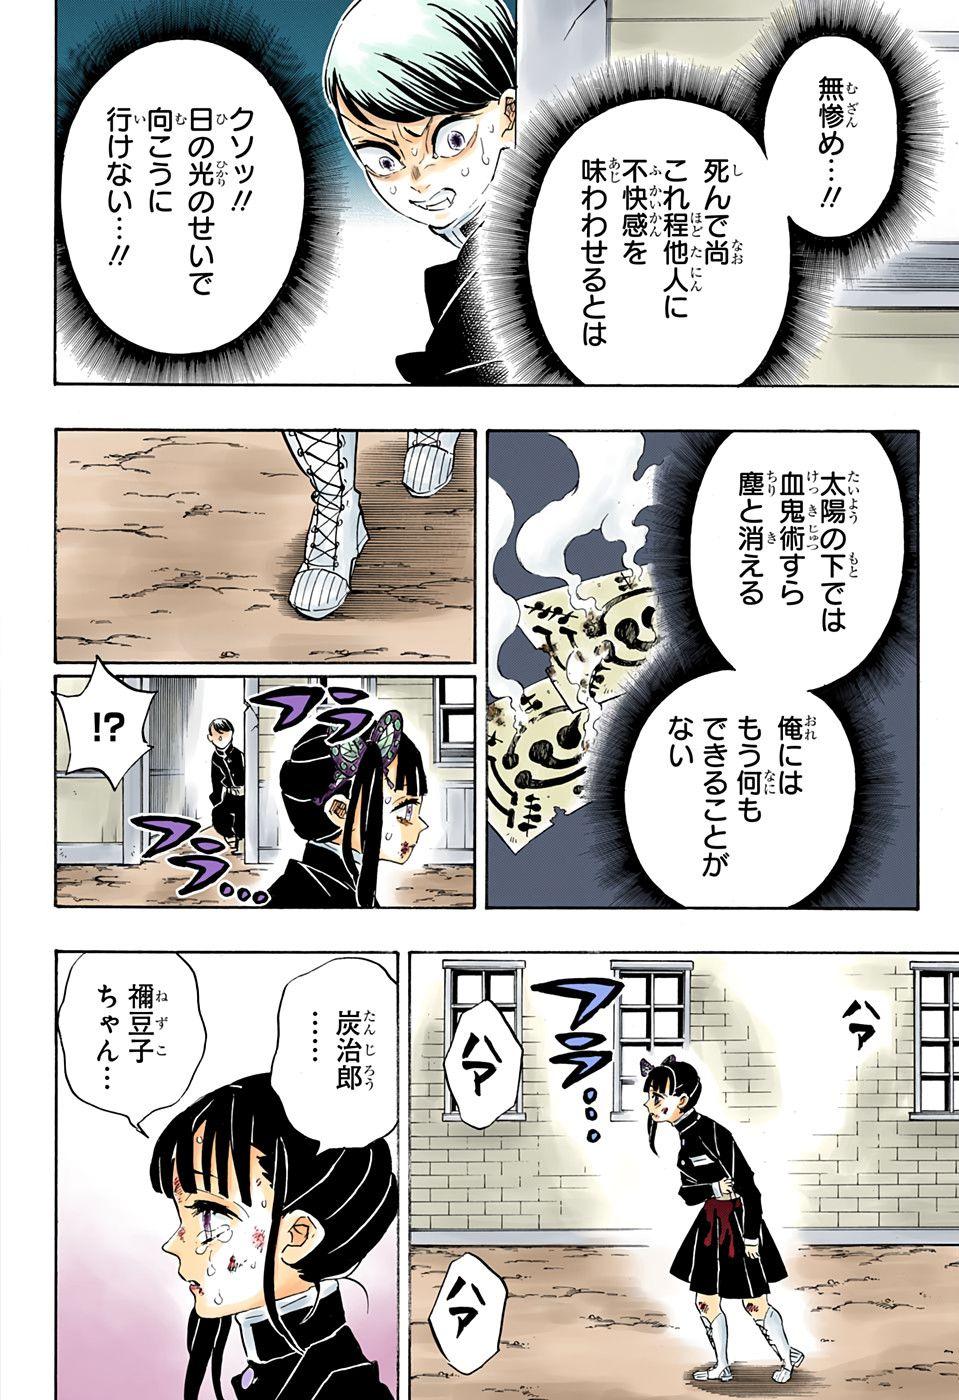 漫画 ジャンプ 週刊 少年 無料